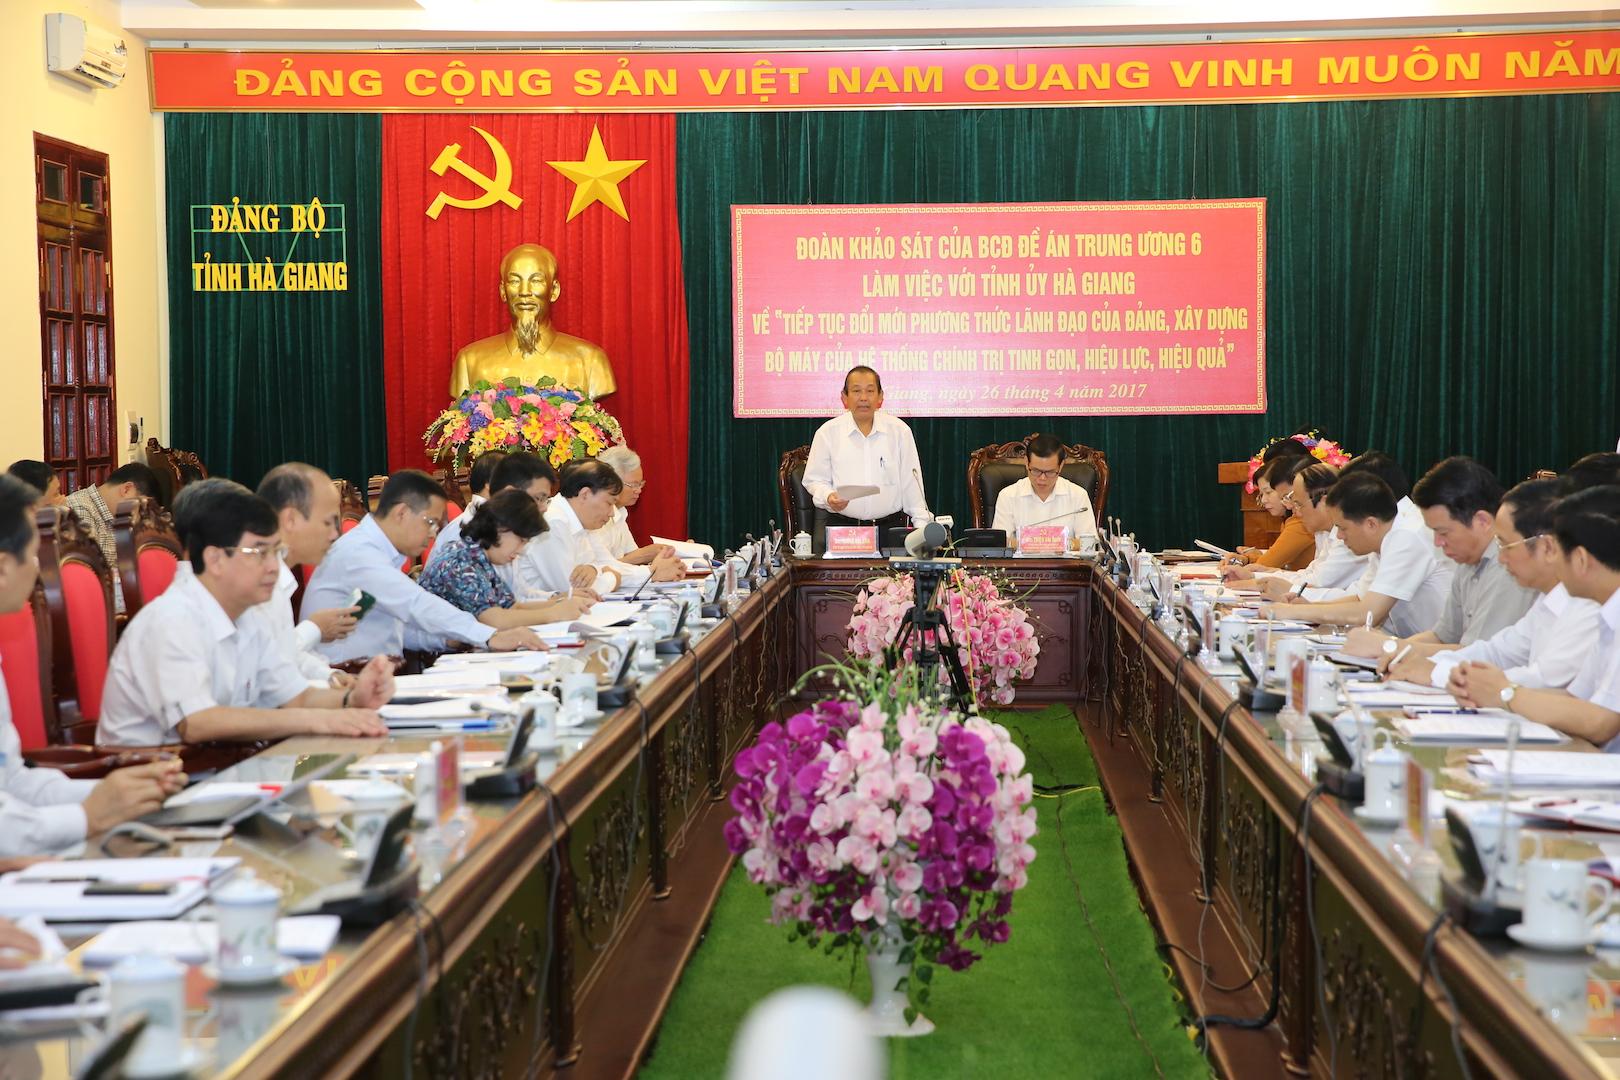 Phó Thủ tướng Thường trực Chính phủ Trương Hoà Bình làm việc với Tỉnh ủy Hà Giang